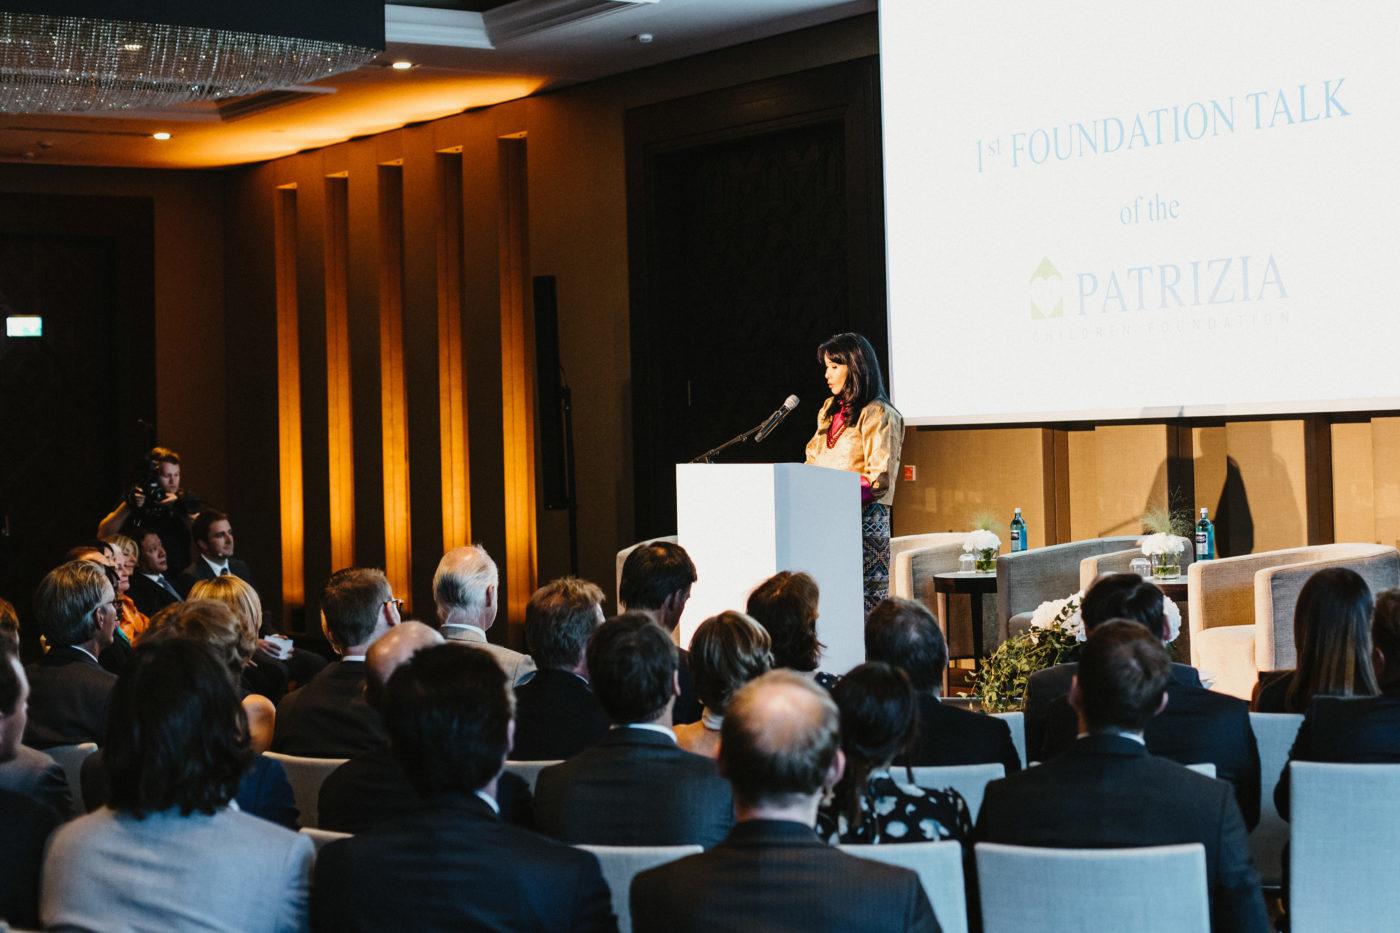 Event 1. PATRIZIA Foundation Talk 2019 in Frankfurt - Bühne mit Speaker Ausschnitt semi